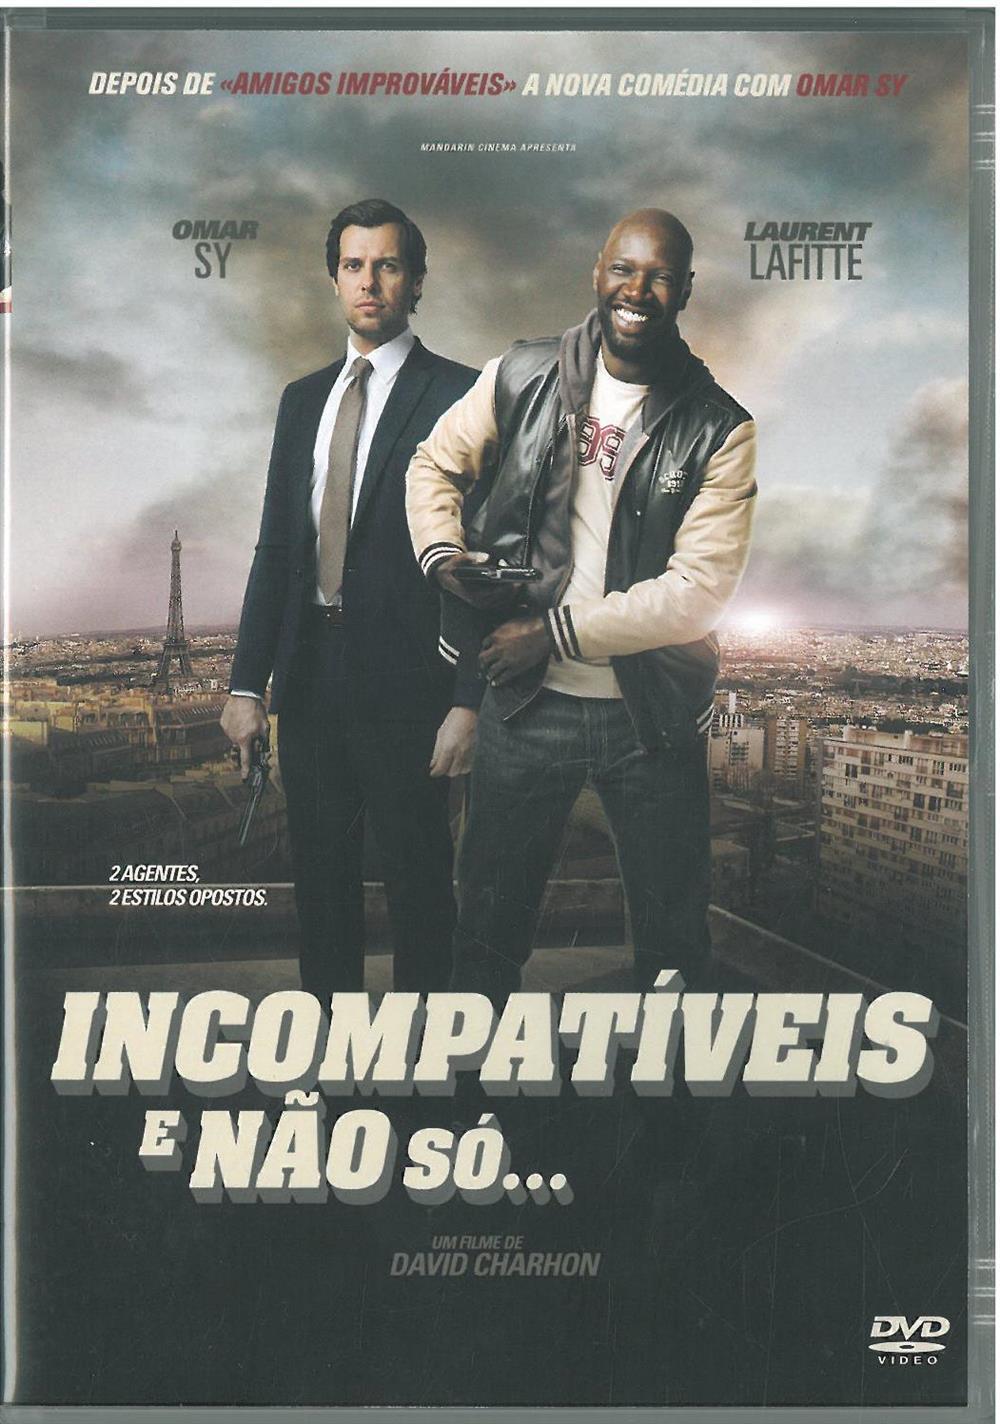 Incompatíveis e não só..._DVD.jpg